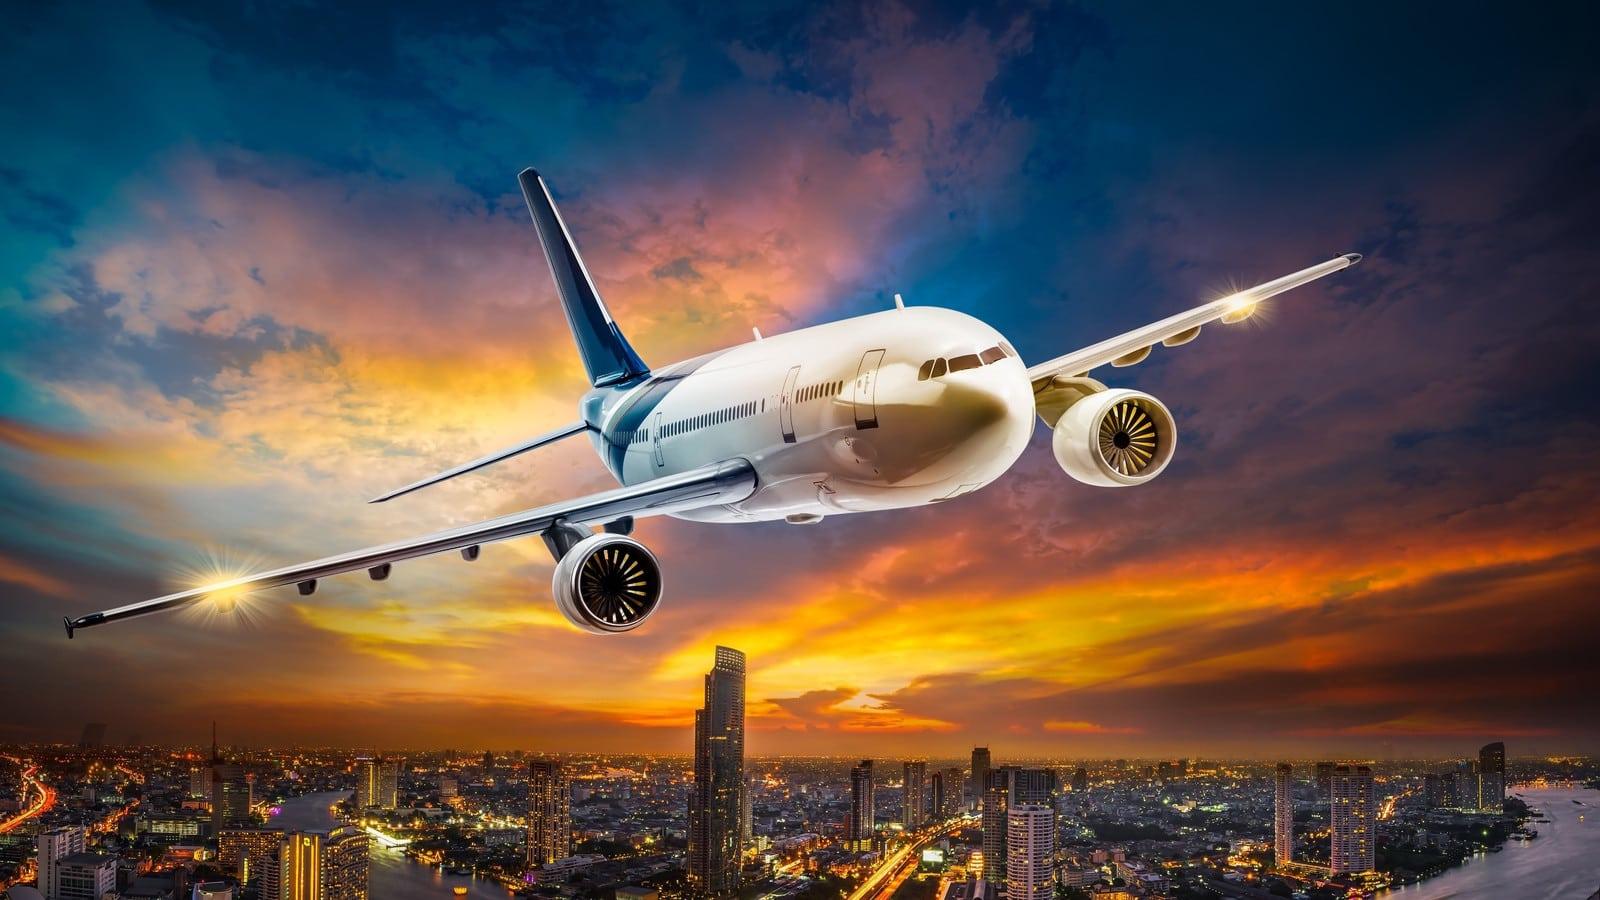 Почему самолет кружит перед посадкой?